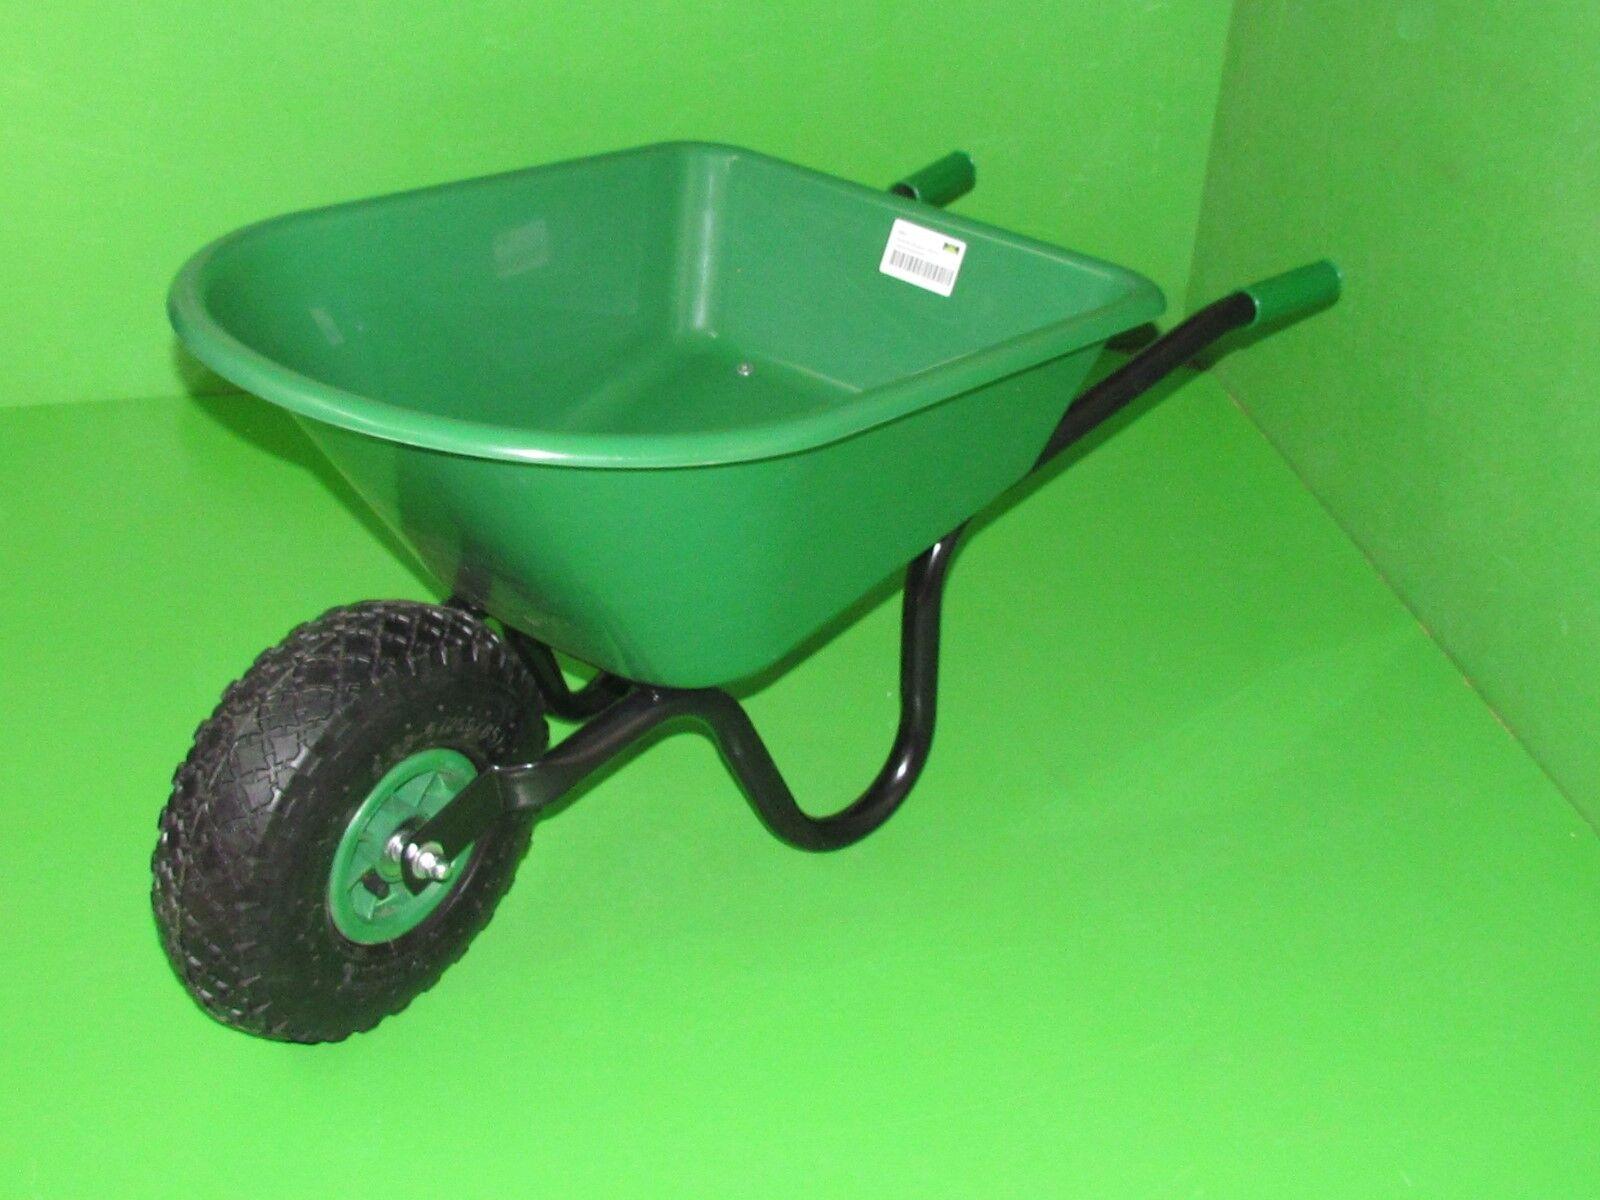 Kinderschubkarre Grün ca. 95 cm, Schubkarre Kinder Gartenschiebkarre Spielzeug